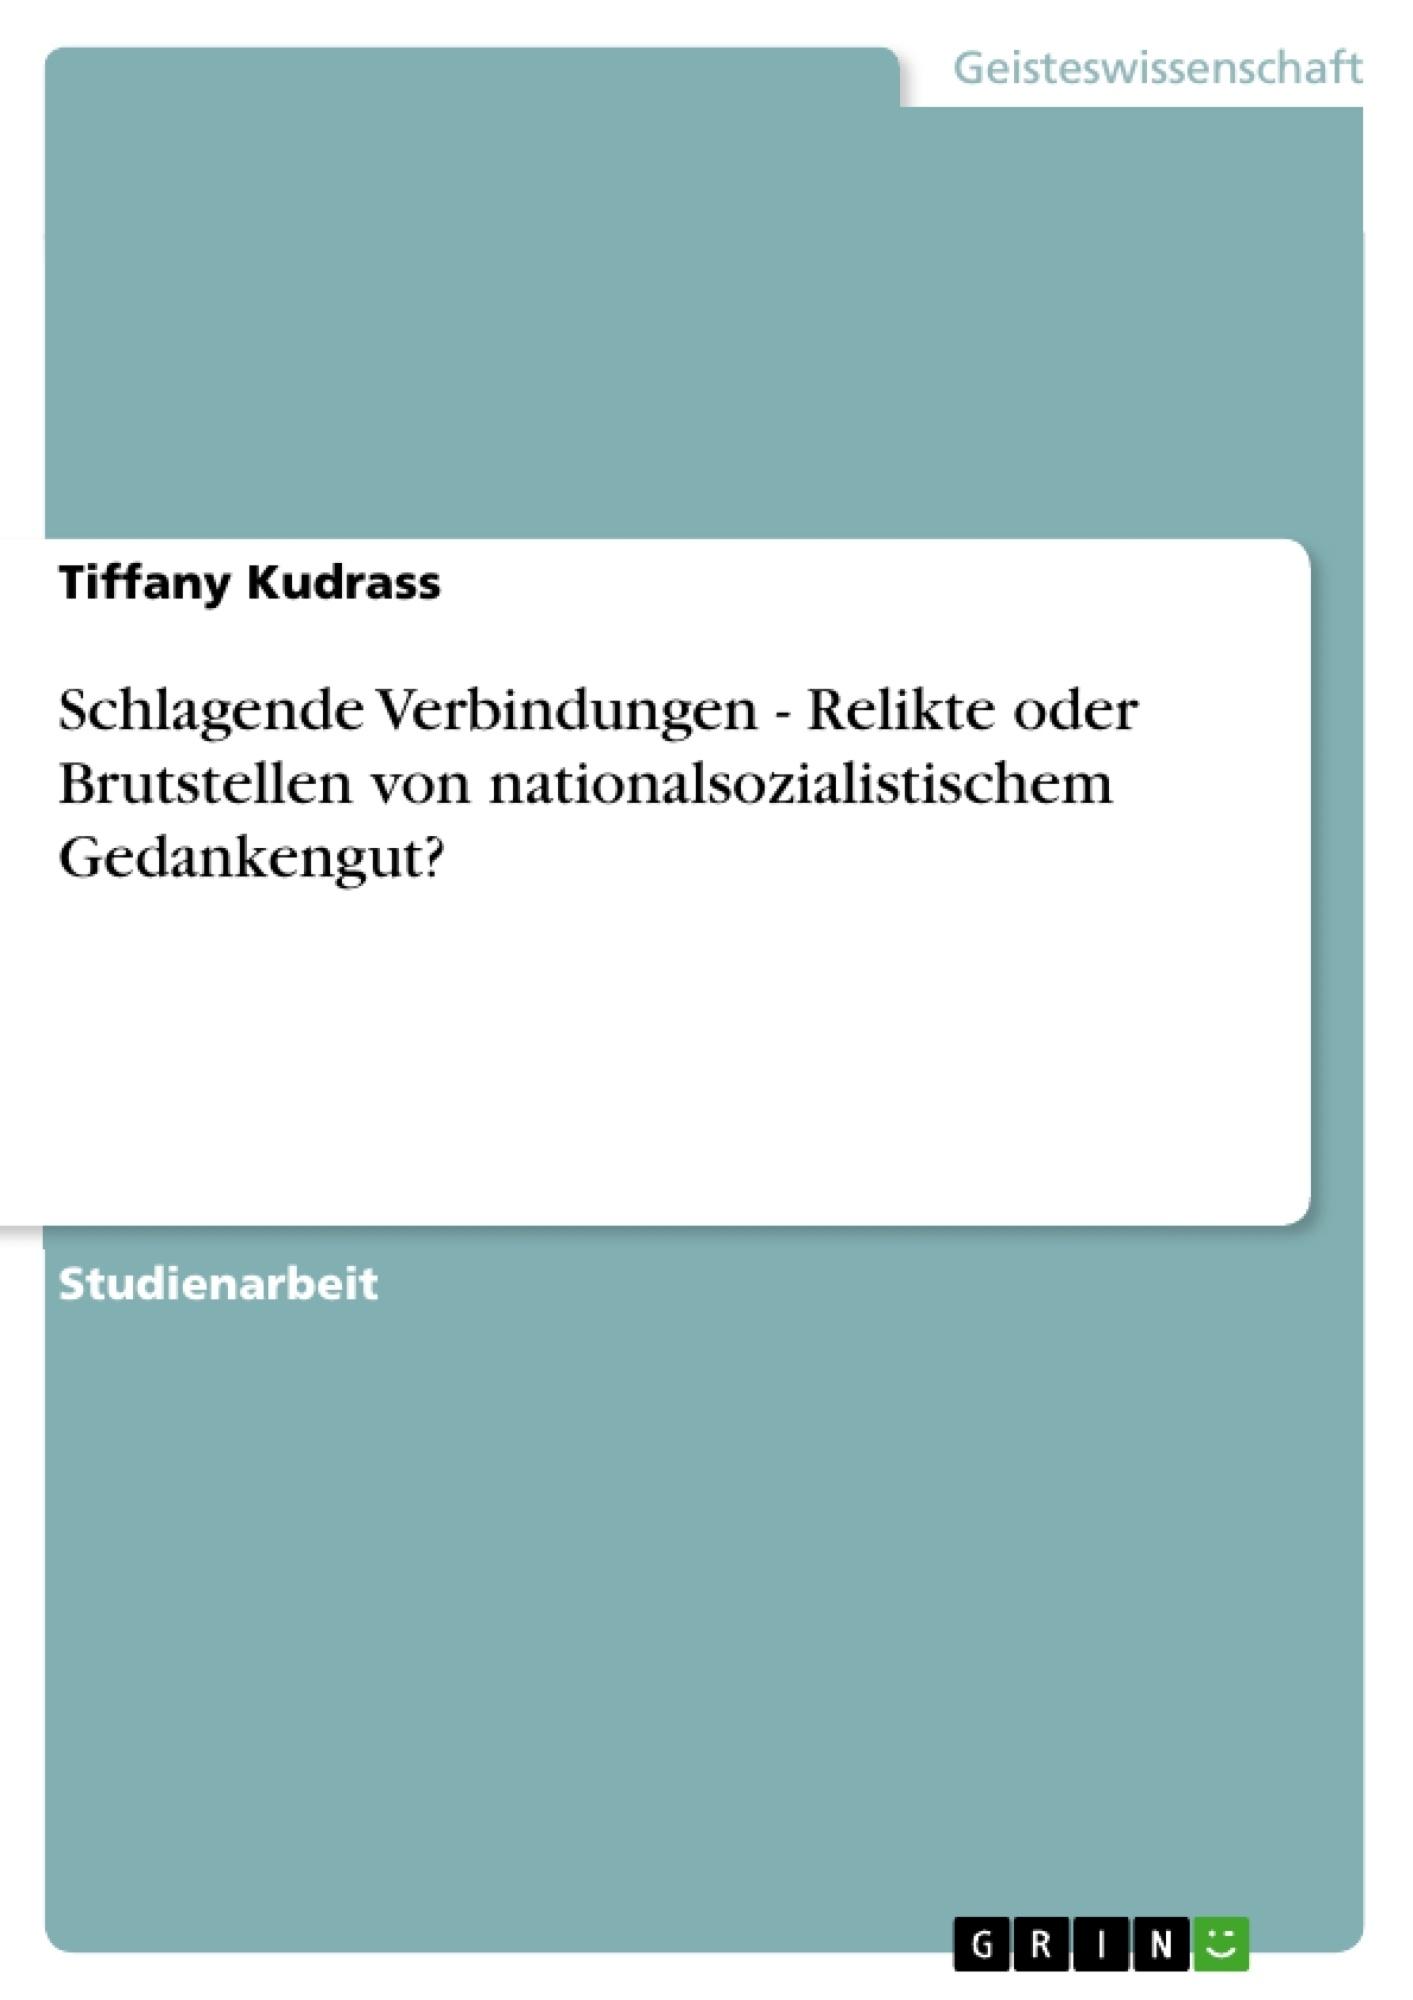 Titel: Schlagende Verbindungen - Relikte oder Brutstellen von nationalsozialistischem Gedankengut?